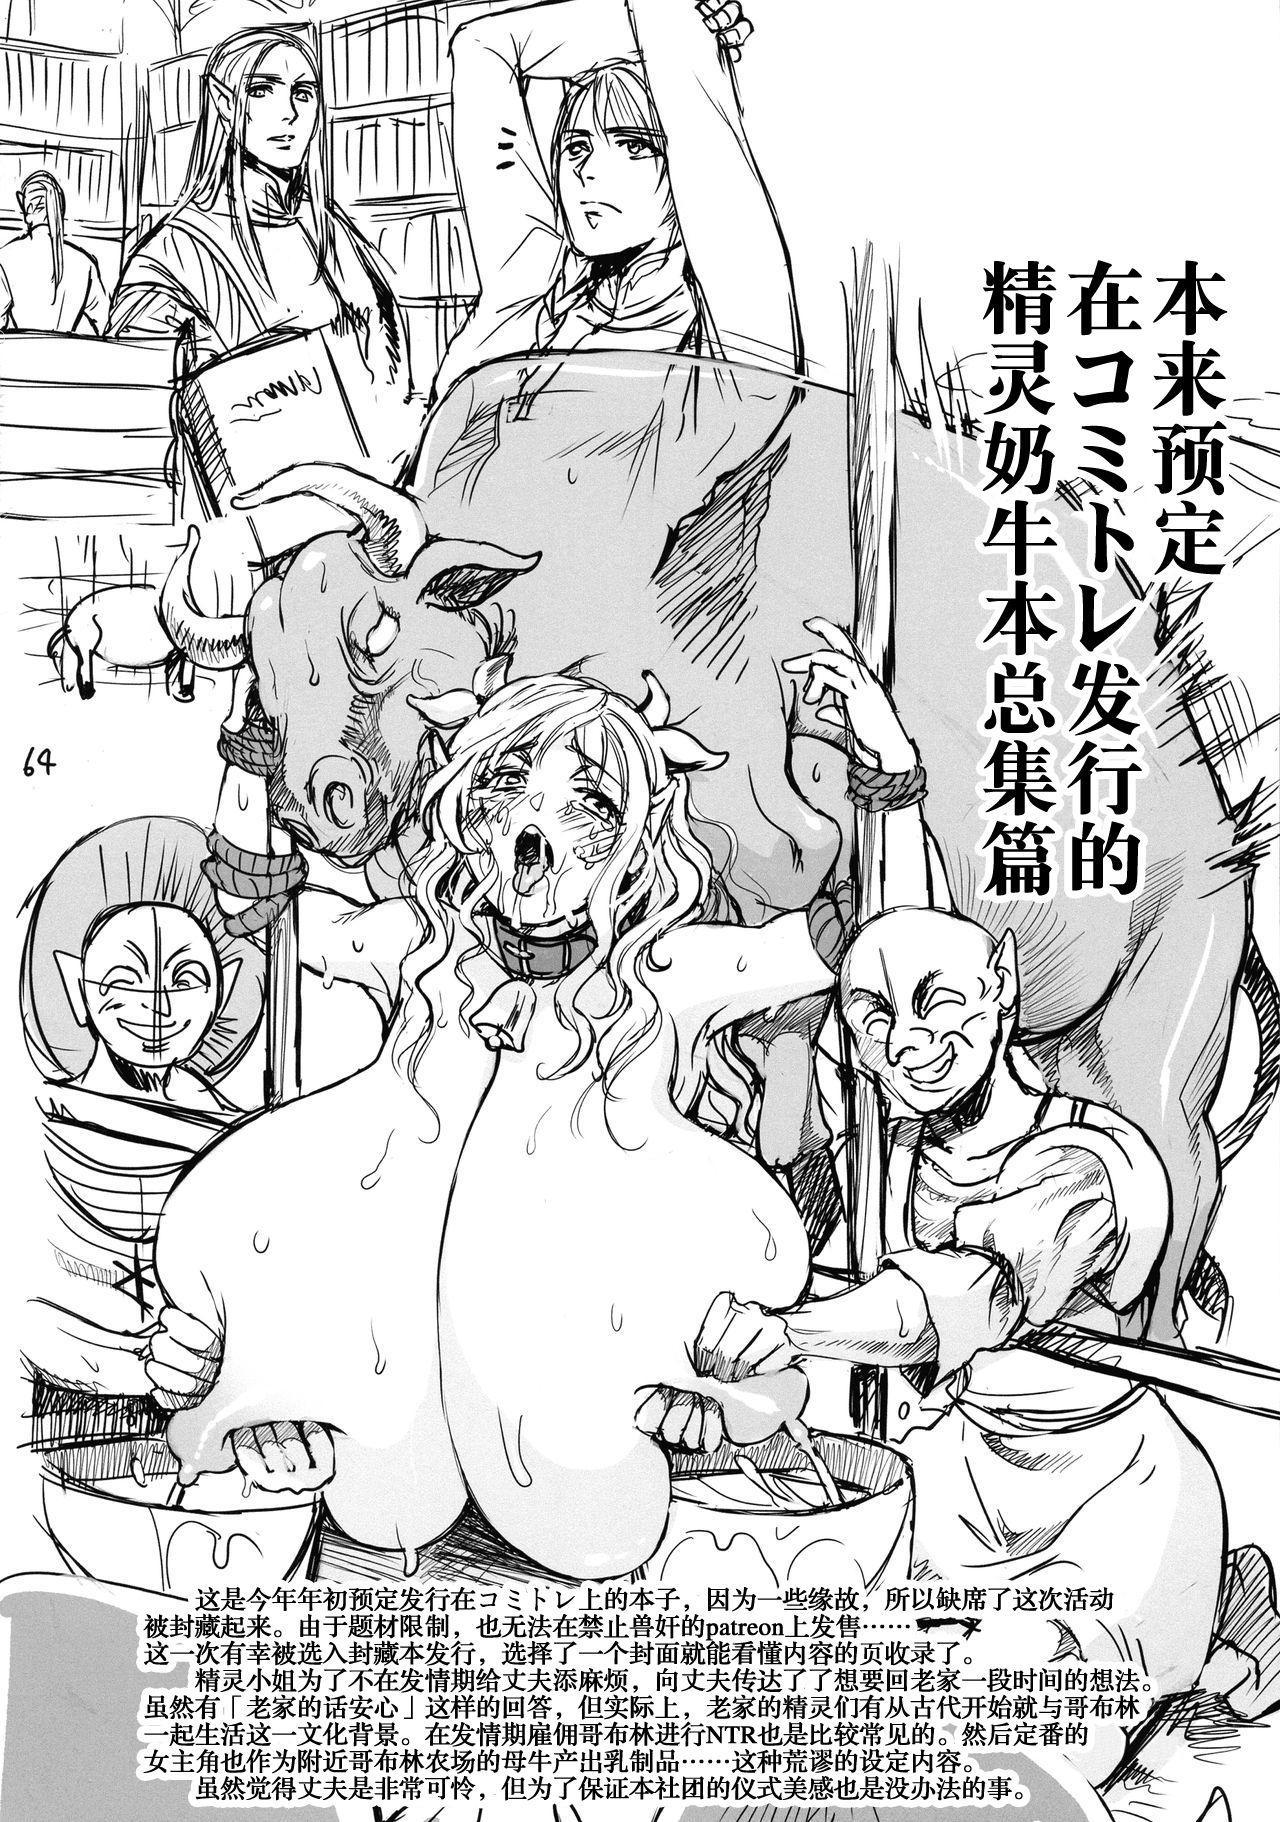 """Botsu Manga """"Kawaii Okusama"""" no Gokuyou Matome Hon + α 64"""